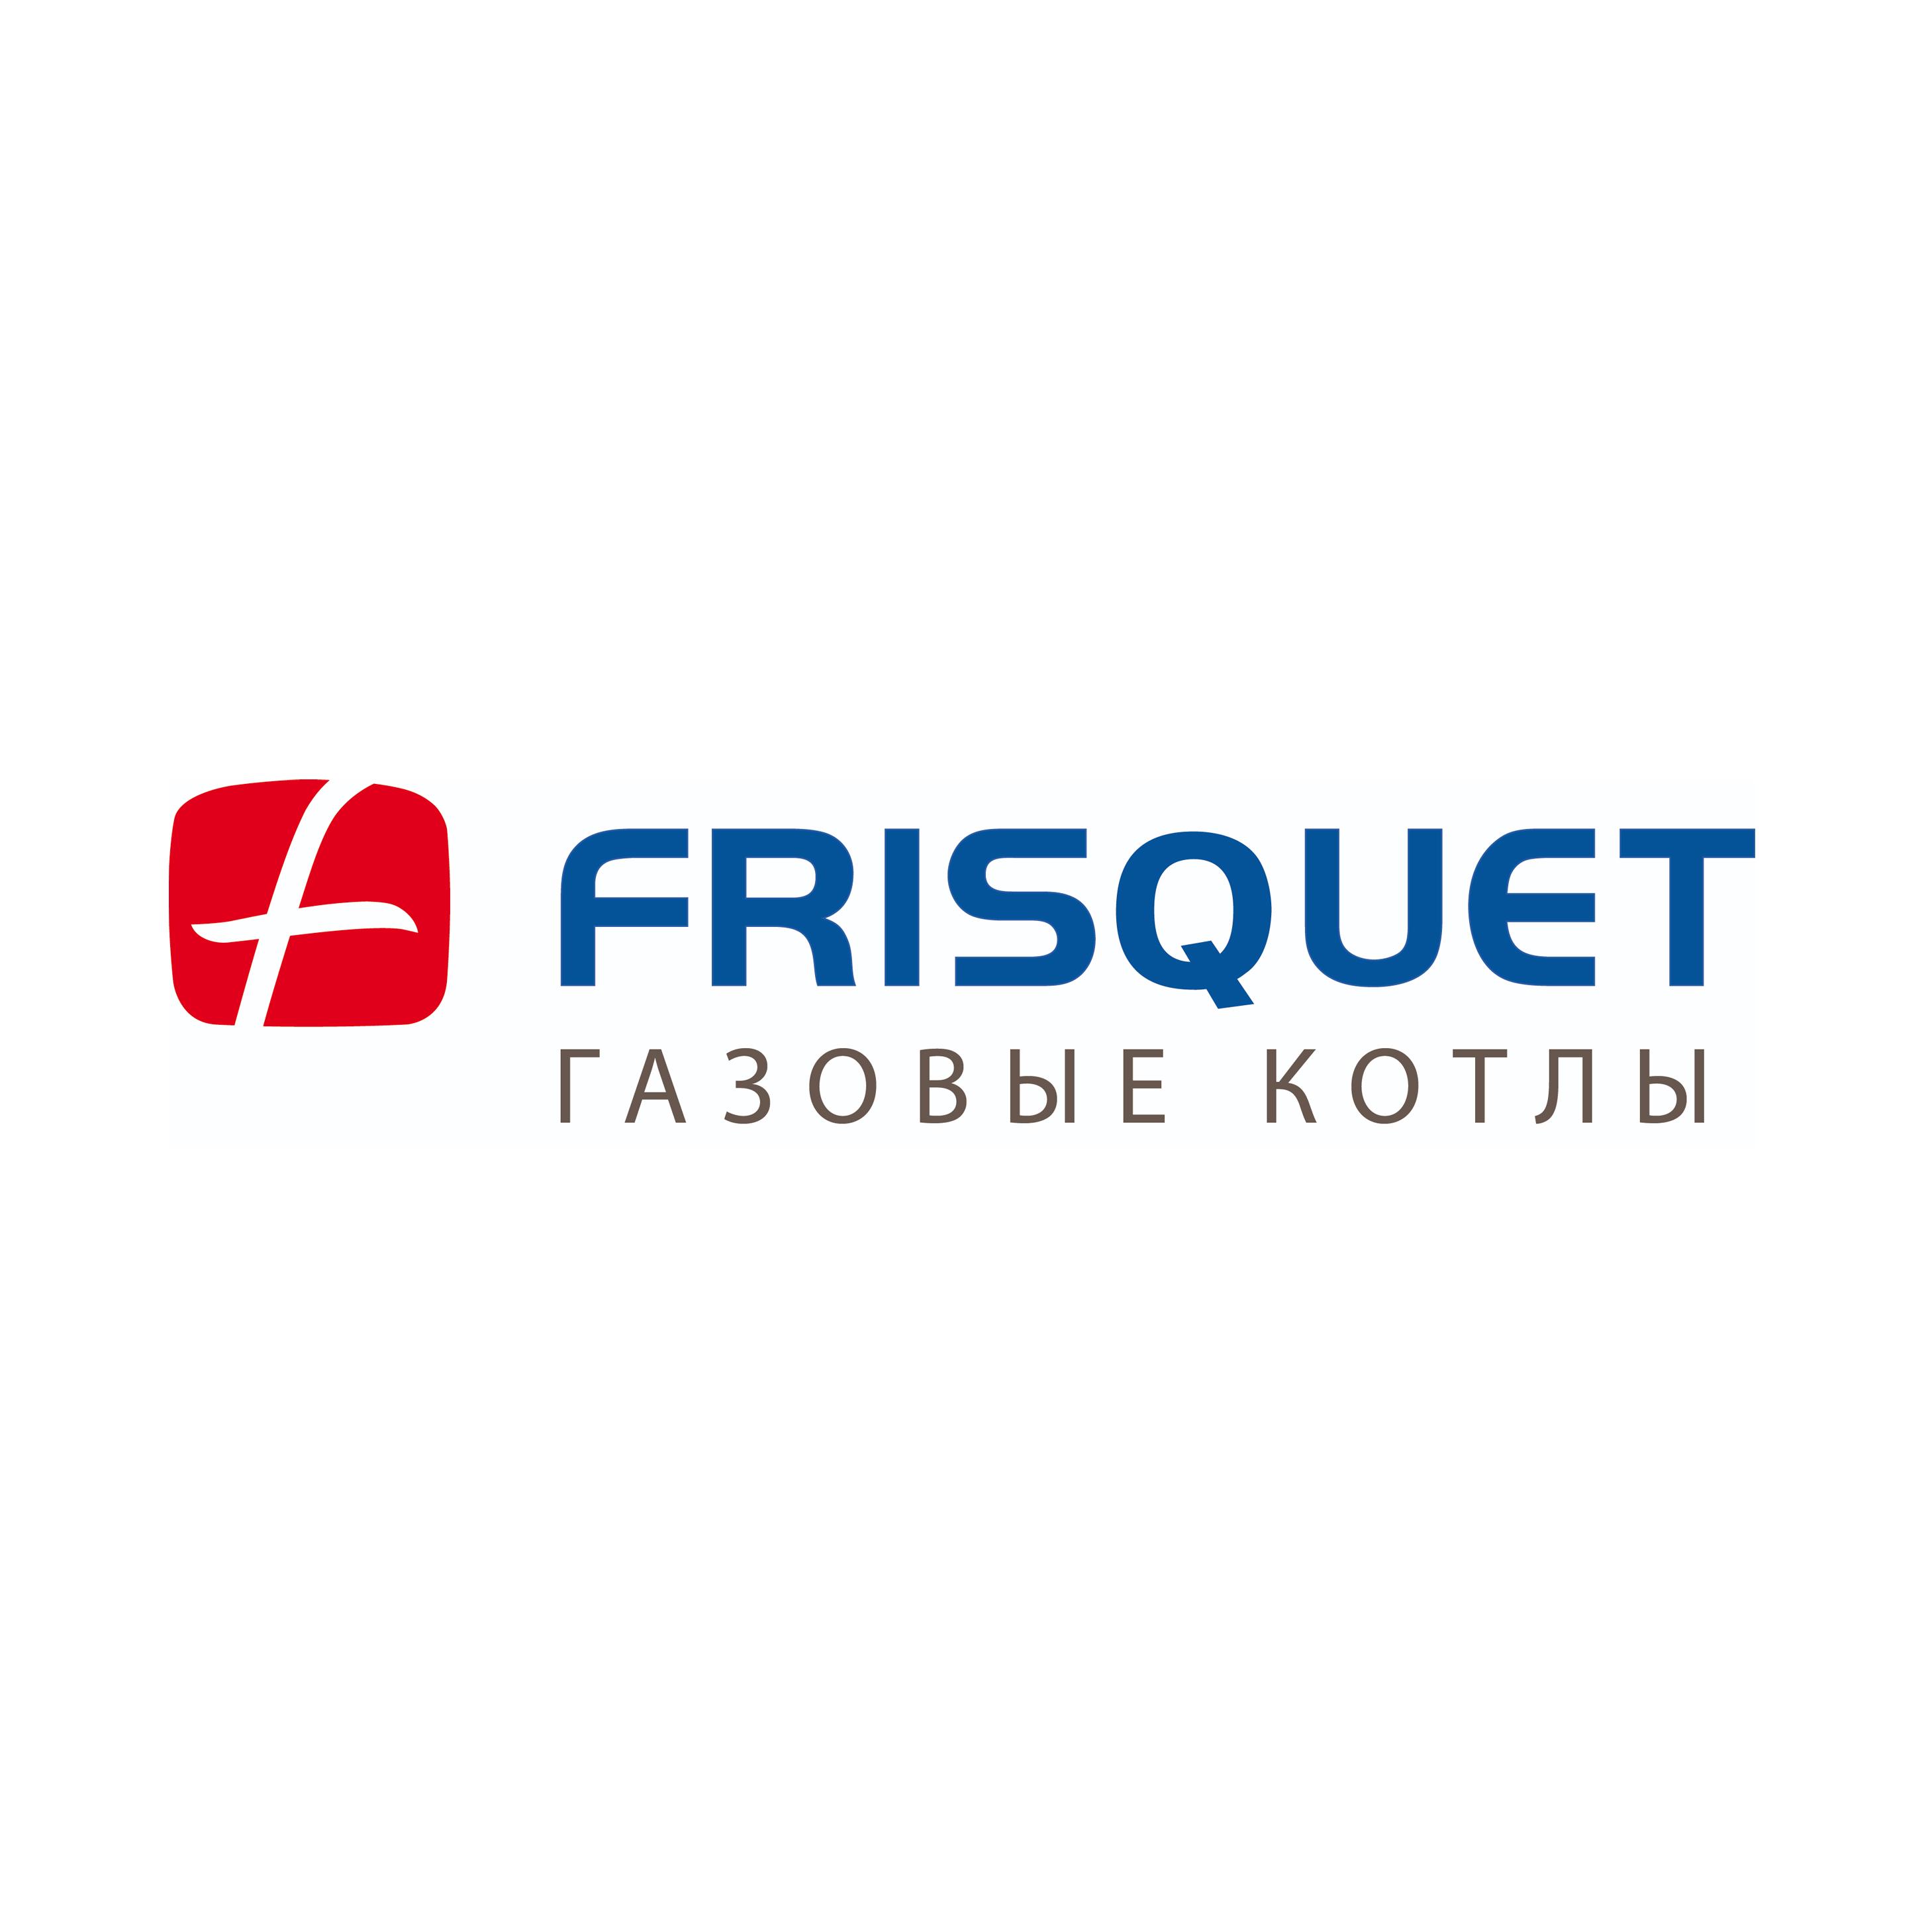 Газовые котлы Фриске (Frisquet) - купить